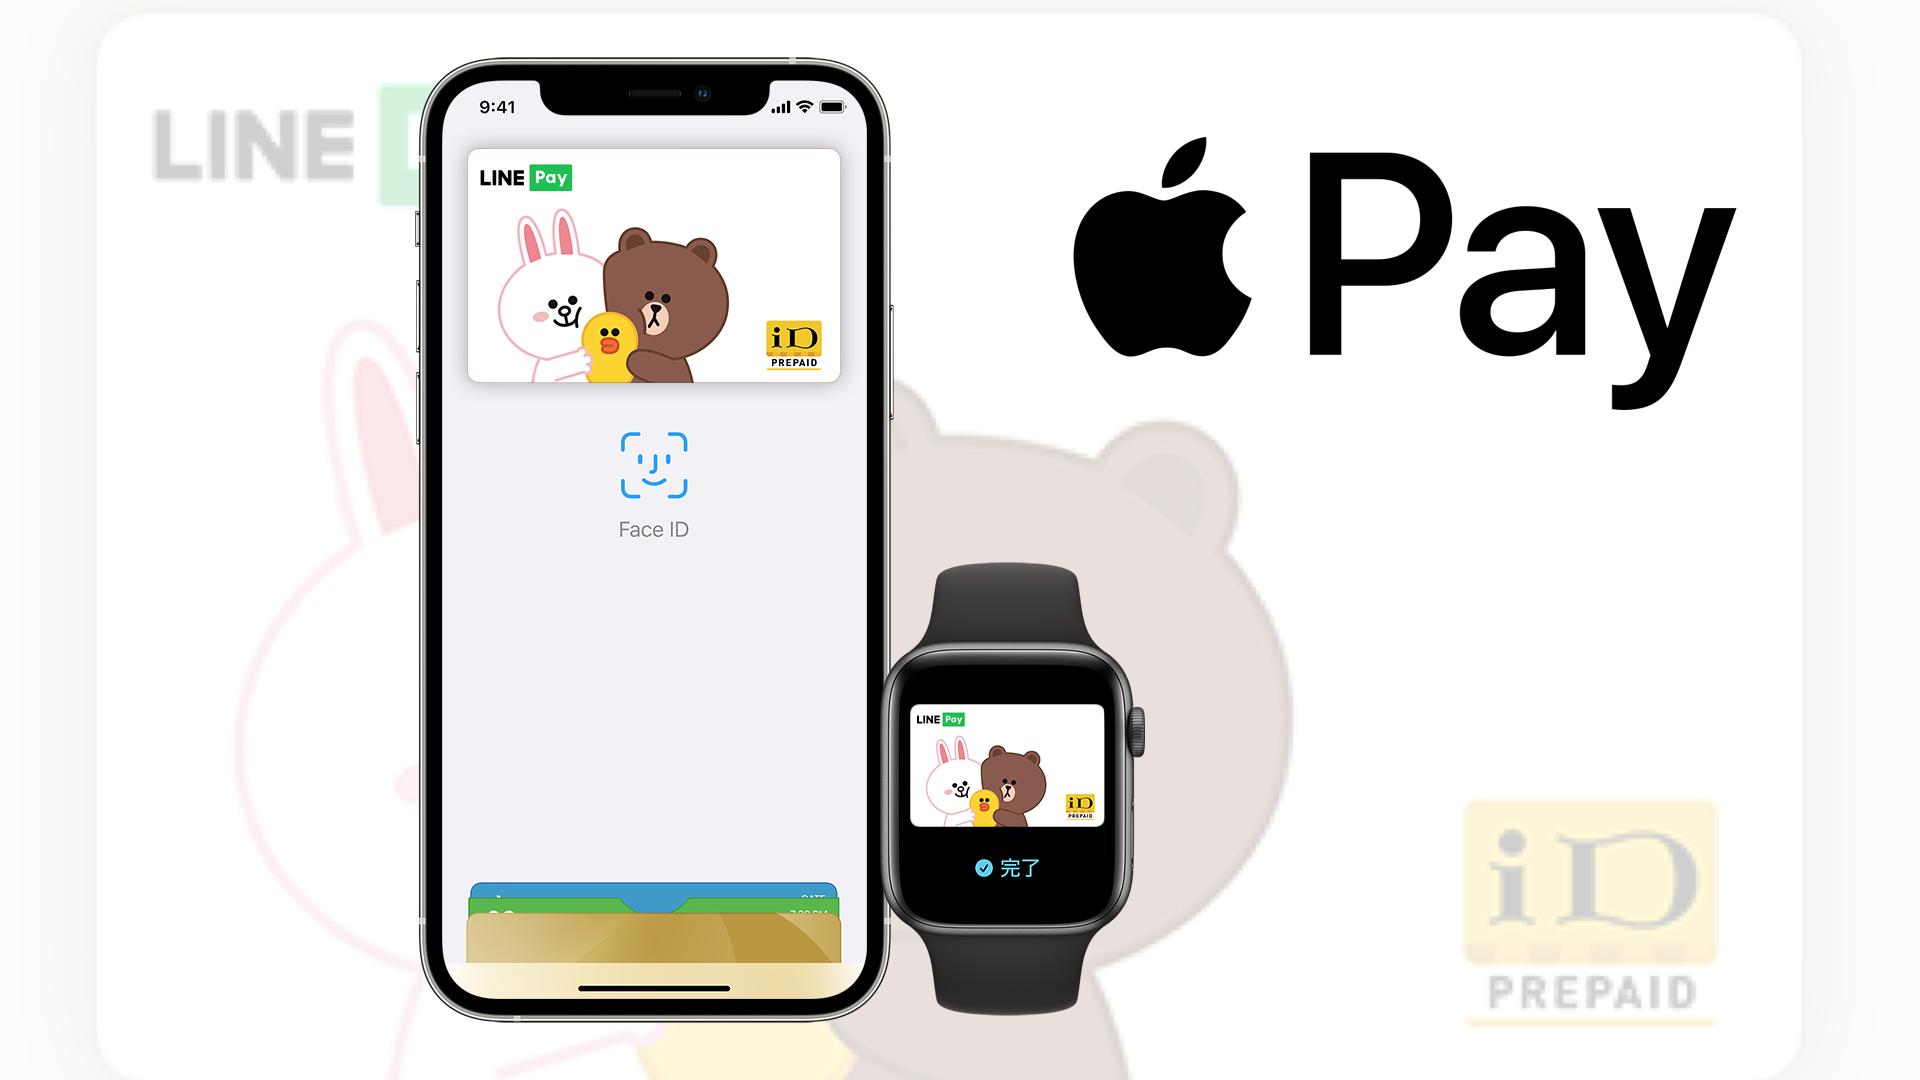 Les clients Line Pay peuvent utiliser... Apple Pay